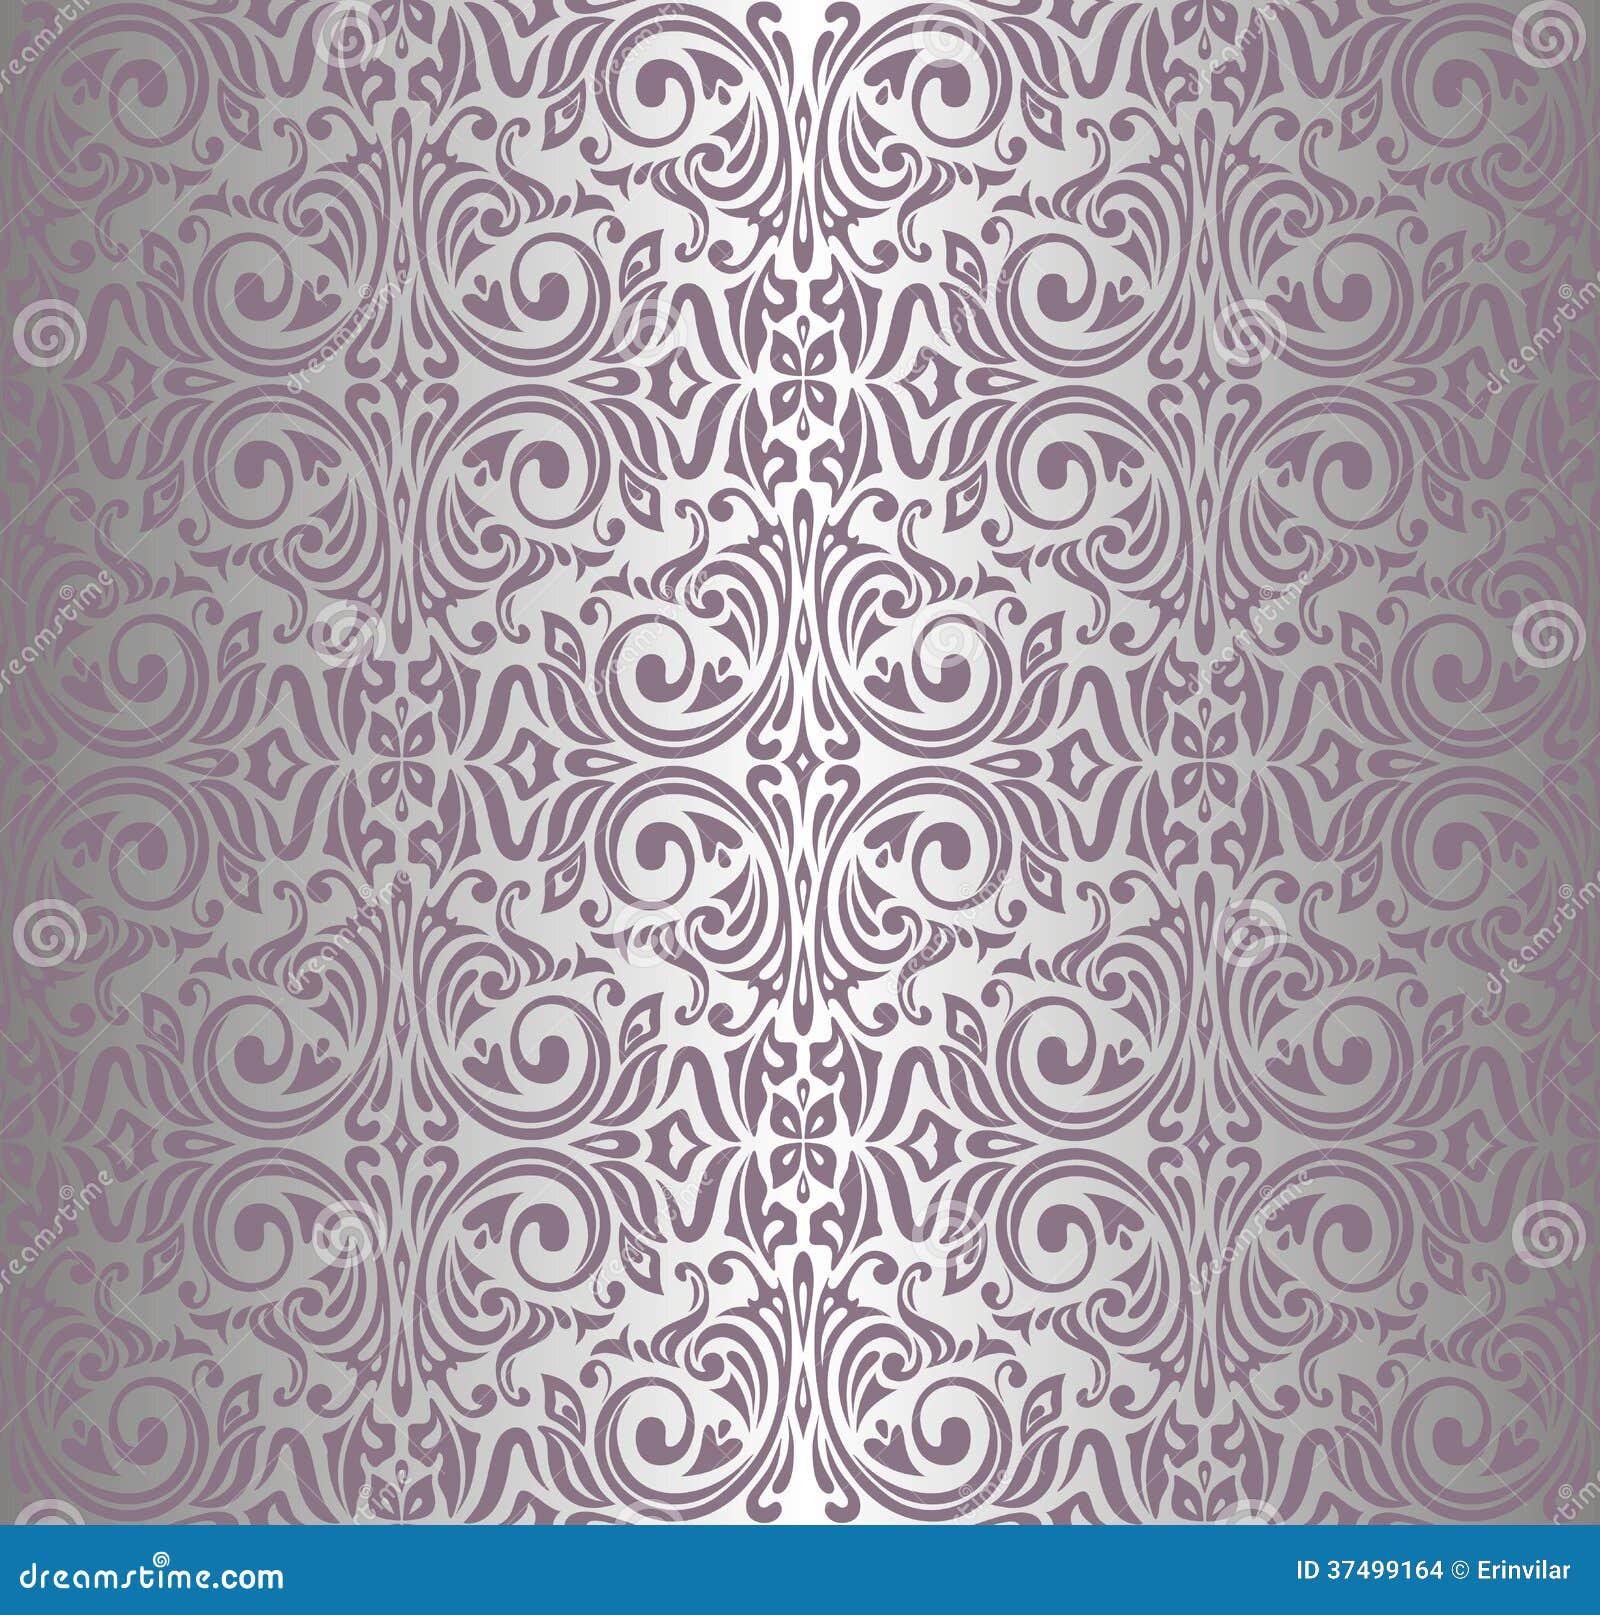 Carta da parati d 39 annata rosa d 39 argento illustrazione for Carta da parati damascata argento